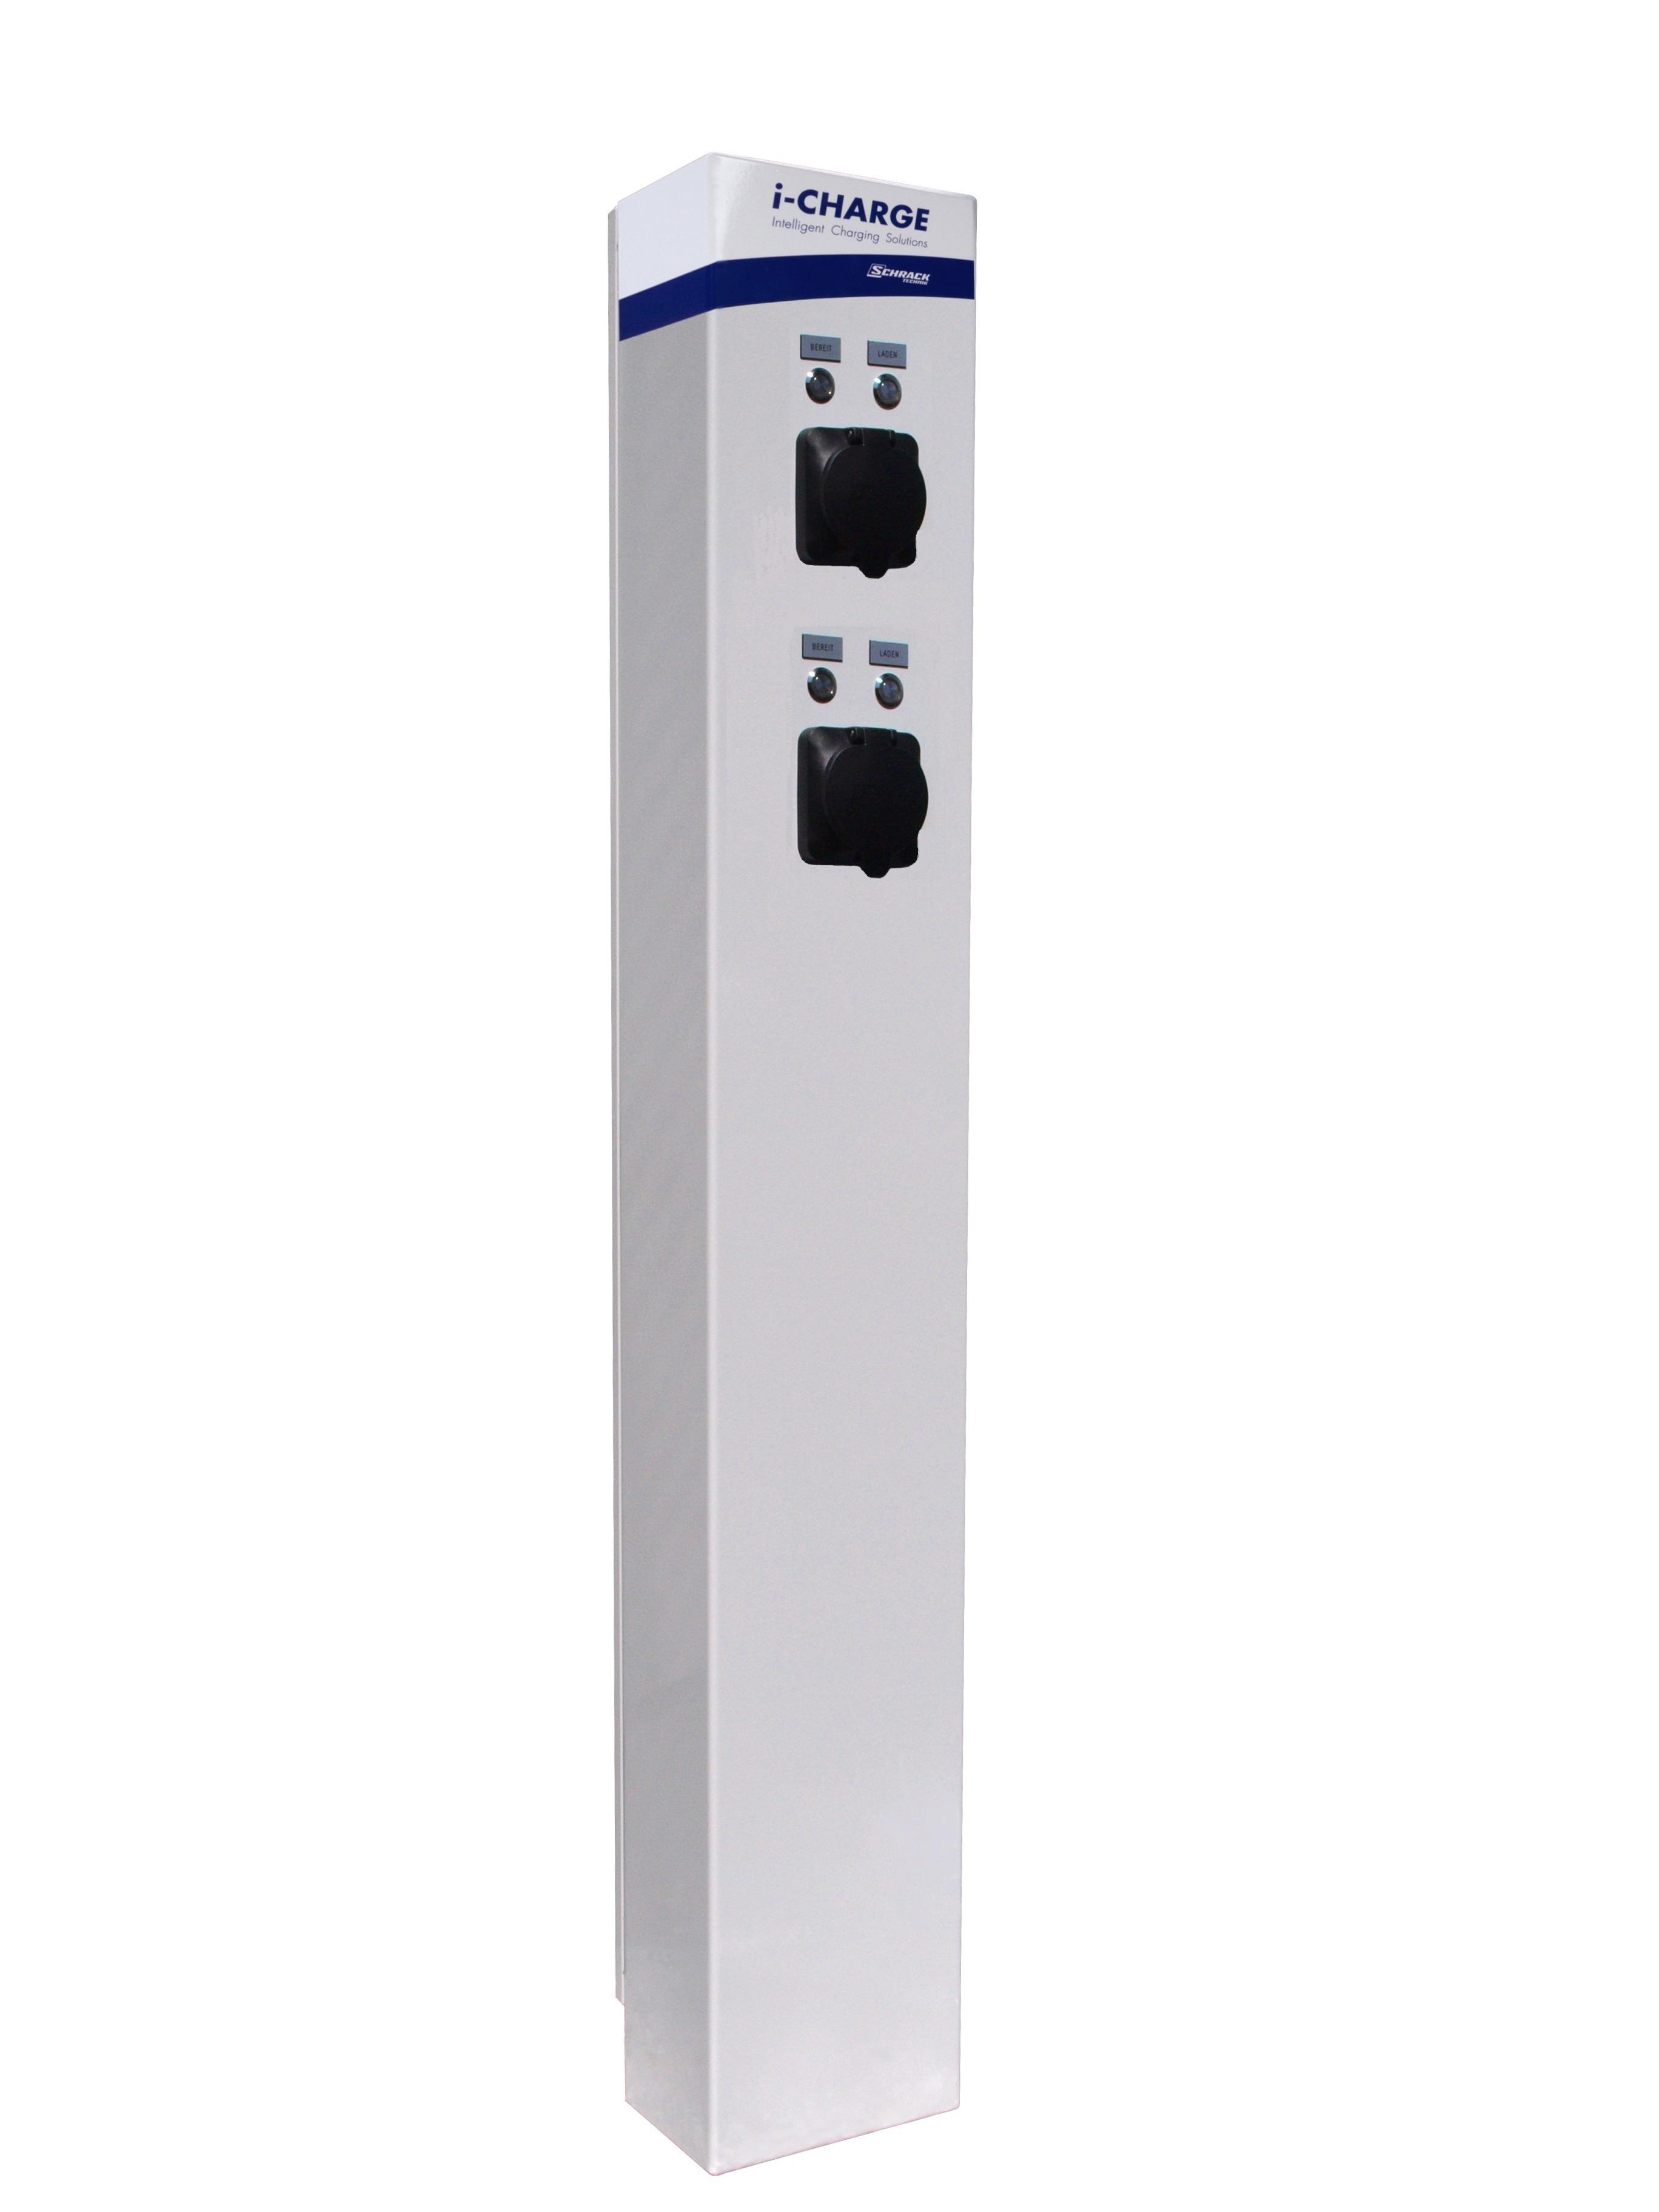 1 Stk i-CHARGE PUBLIC 200 2xTyp2 22kW, LLB, 28kW Gesamtleistung EMPUB029B-